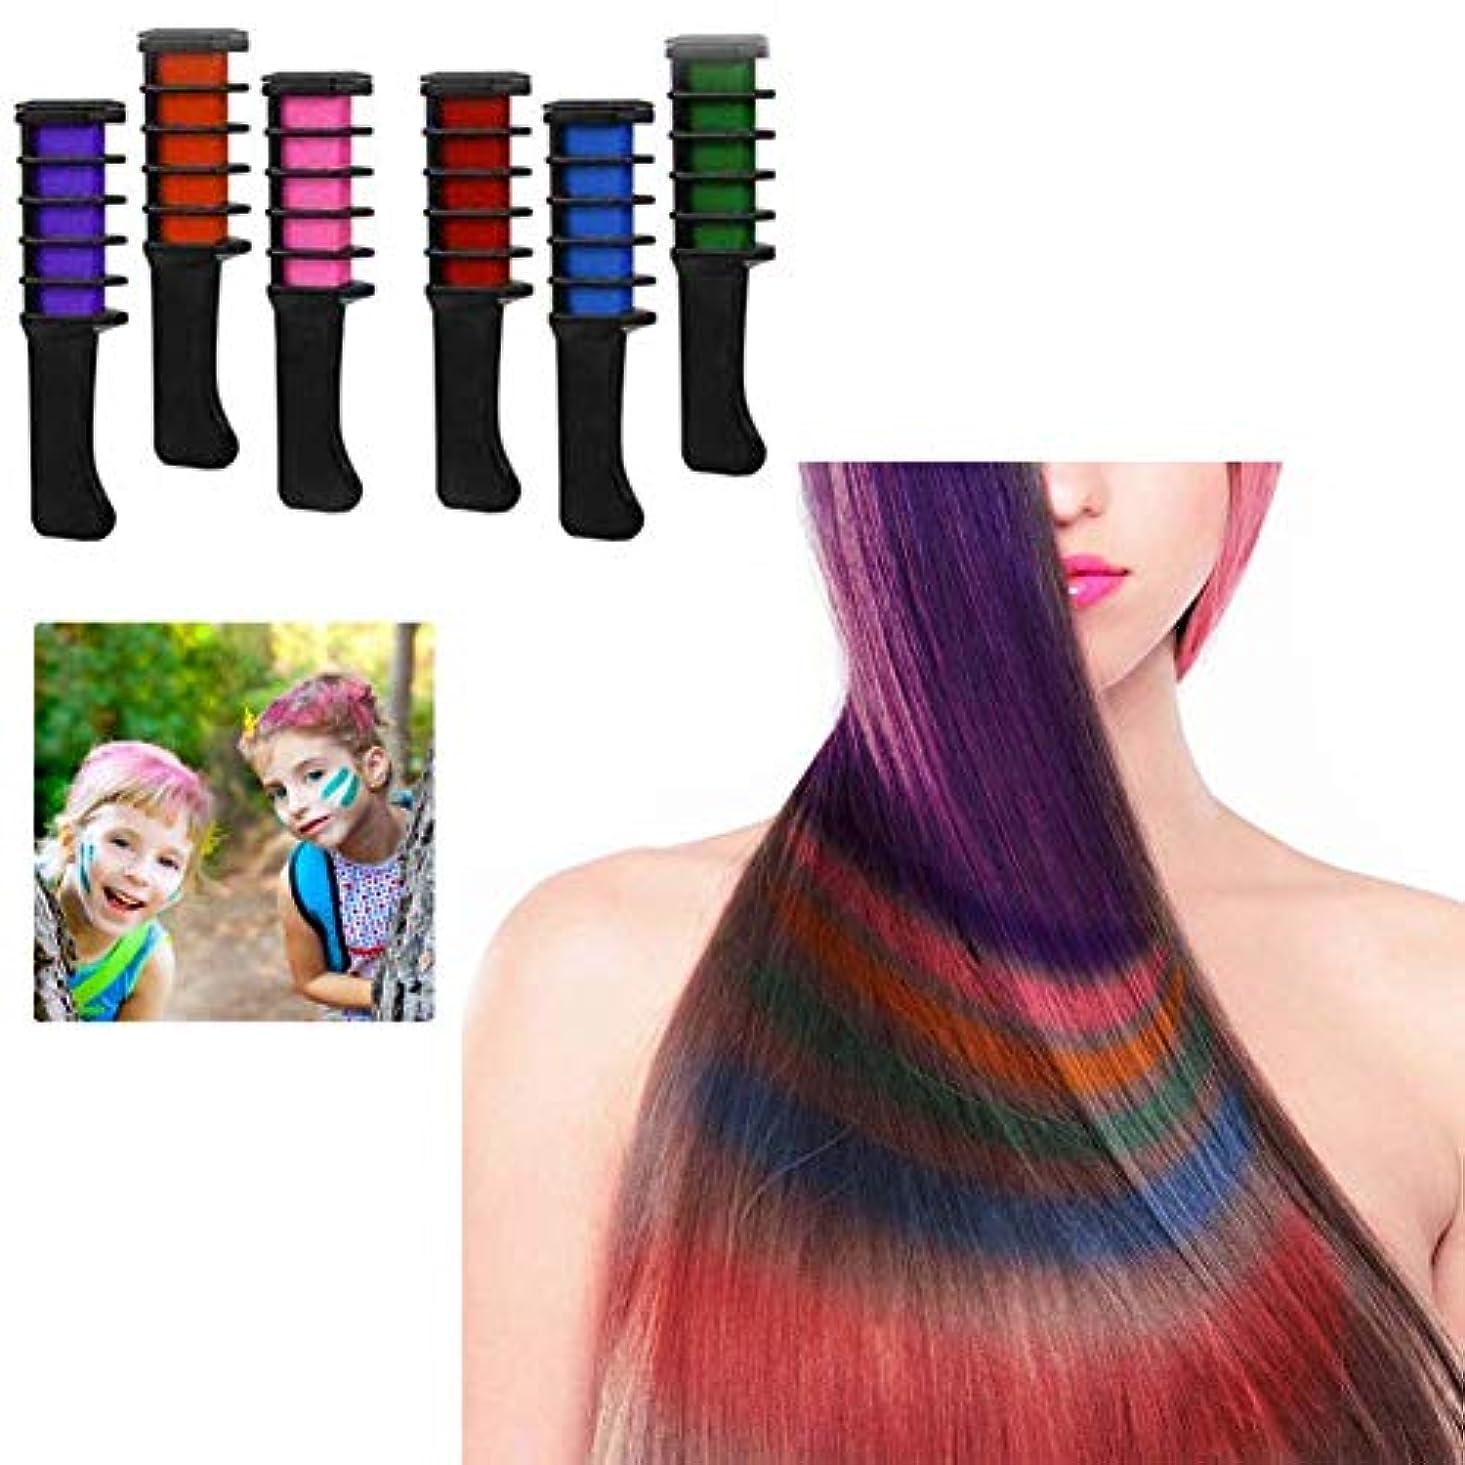 前に信念ショート髪のチョークは子供の女の子のための一時的な髪の色を染めるすべての髪の色で動作しますアイデアクリスマスギフトブラックハンドル6色